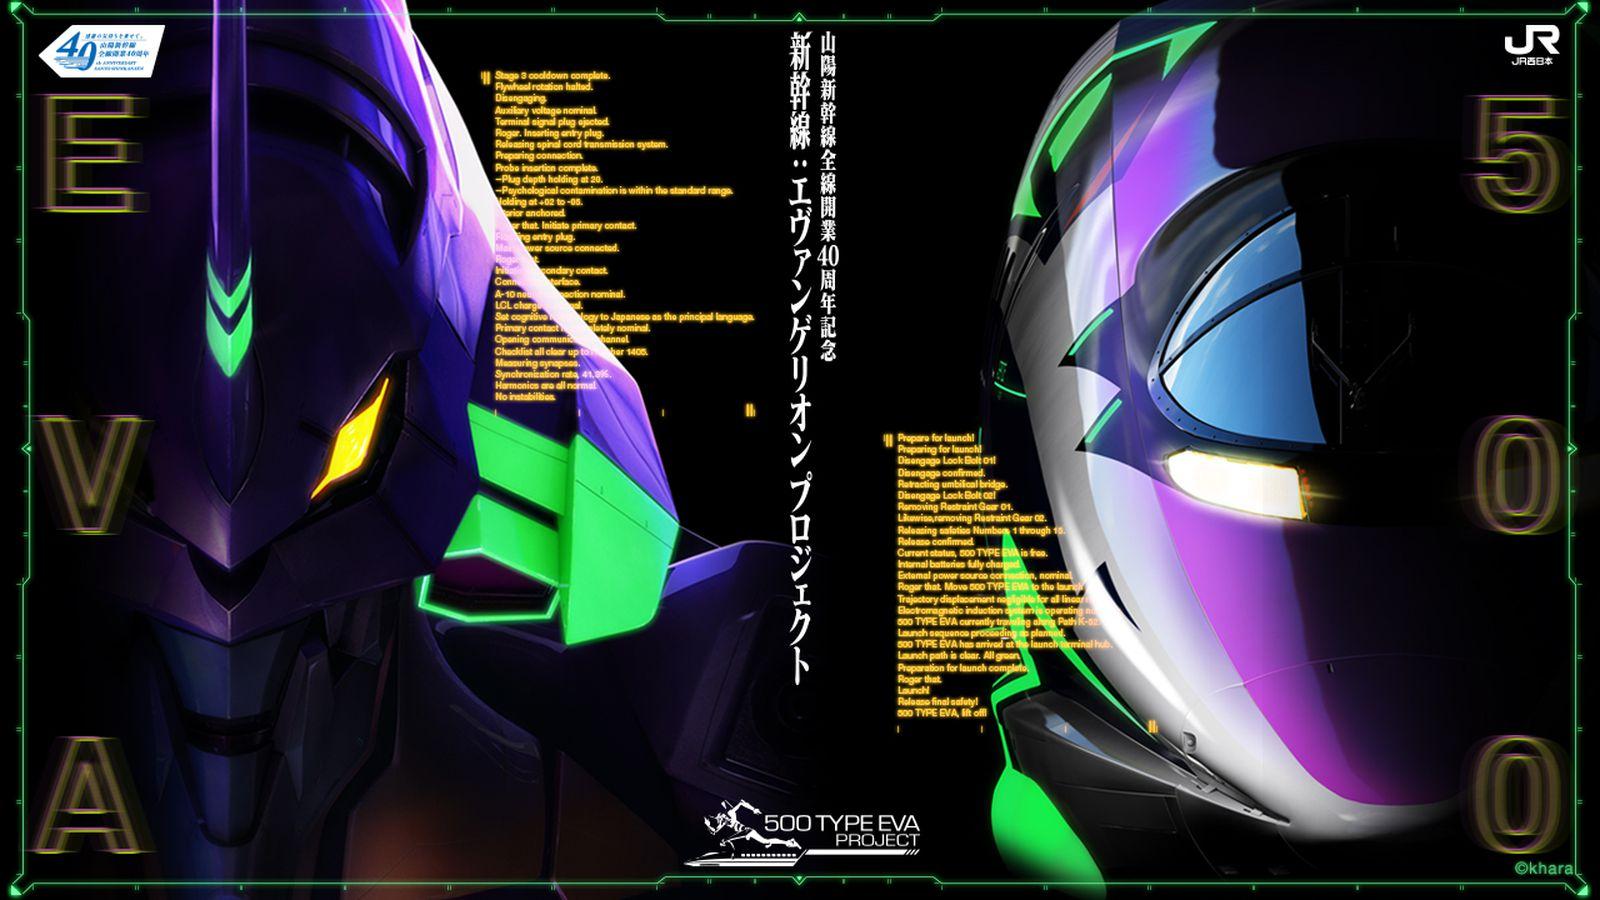 Iphone X Verge Wallpaper Japanese Bullet Train To Cosplay As Neon Genesis